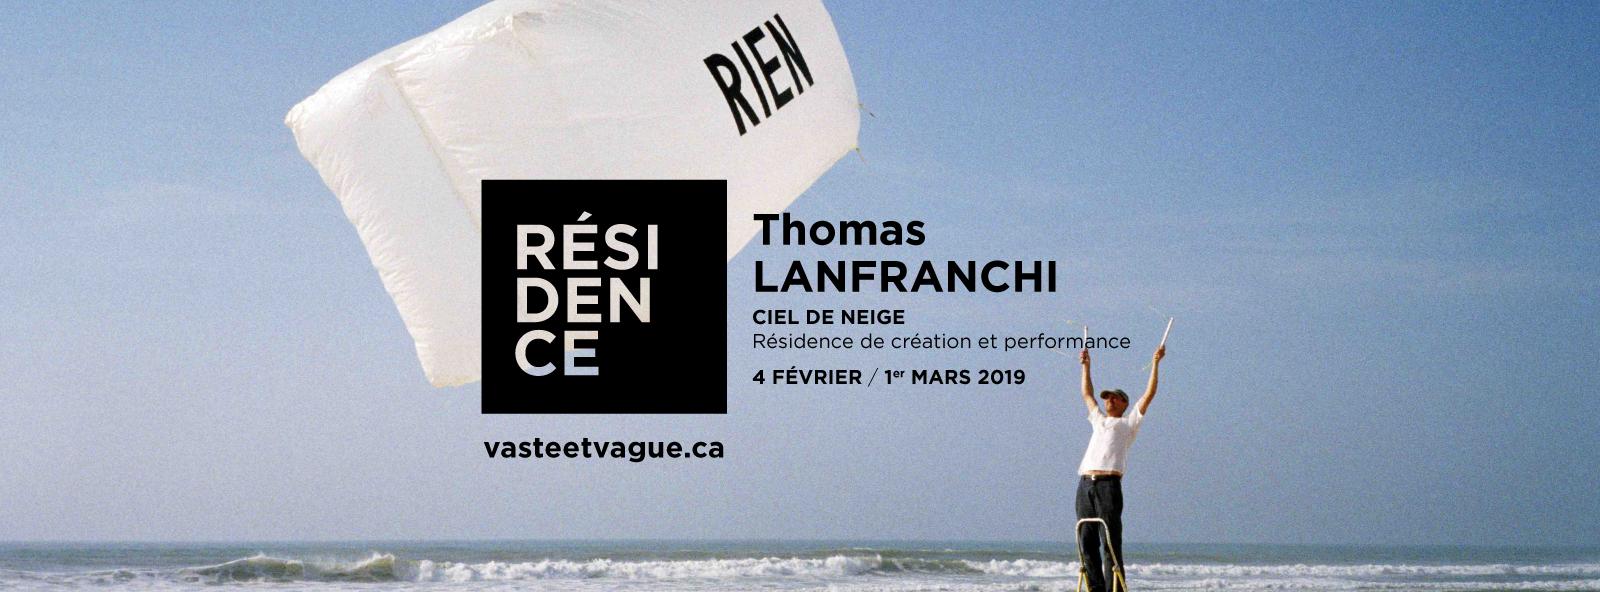 Thomas LANFRANCHI | CIEL DE NEIGE | Résidence de création et performance